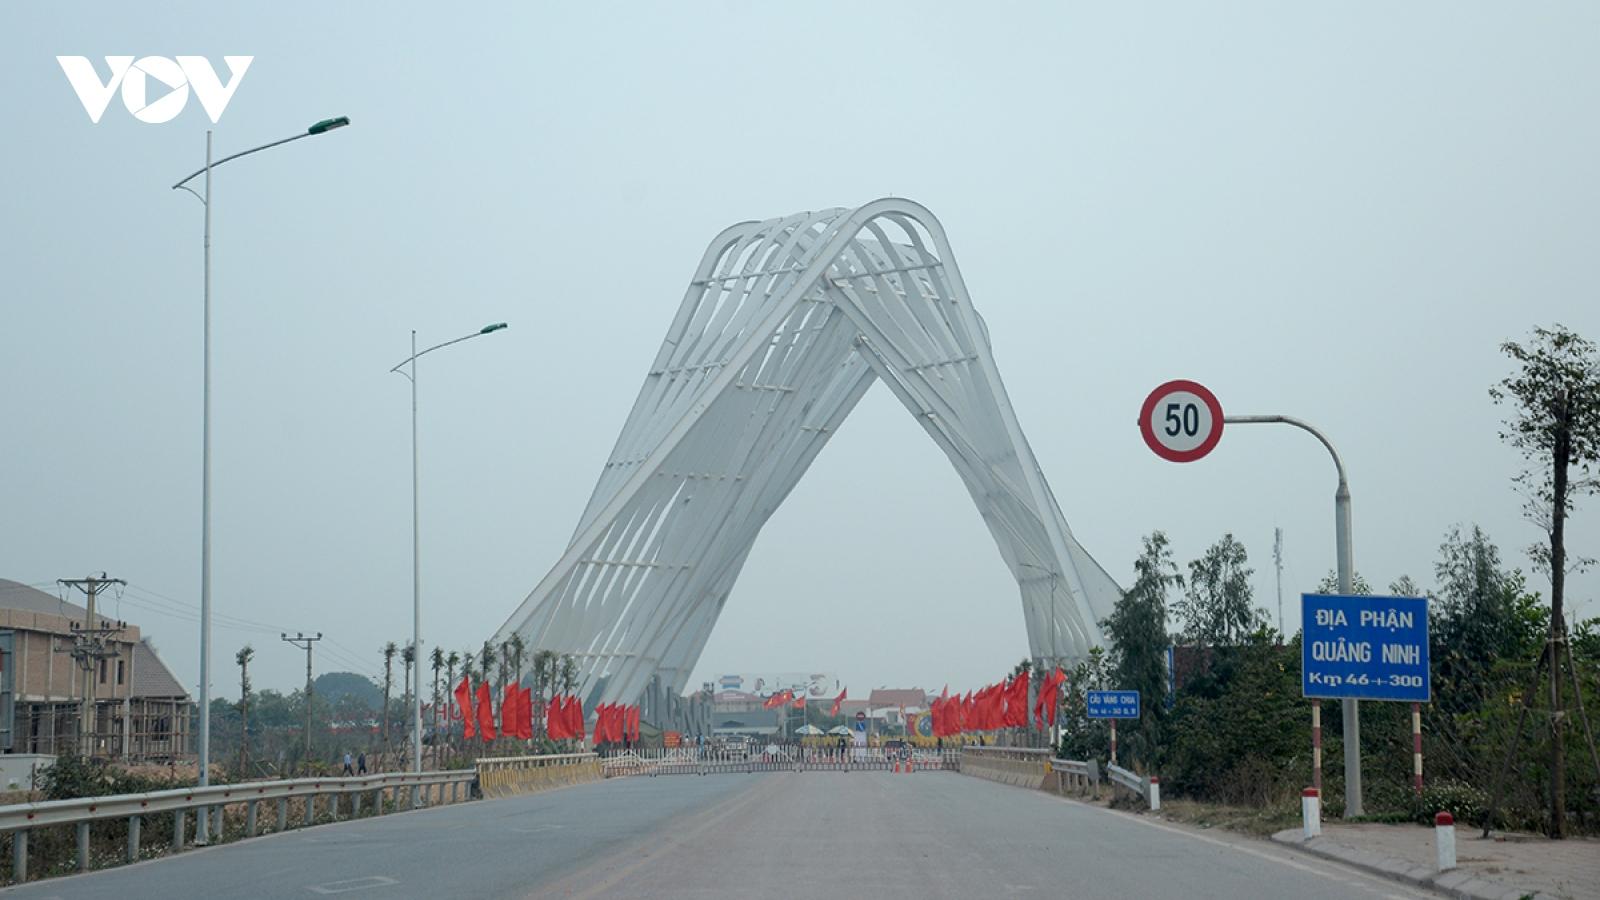 Quảng Ninh đóng cứng Chốt kiểm soát liên ngành trên Tỉnh lộ 345 sang Bắc Giang